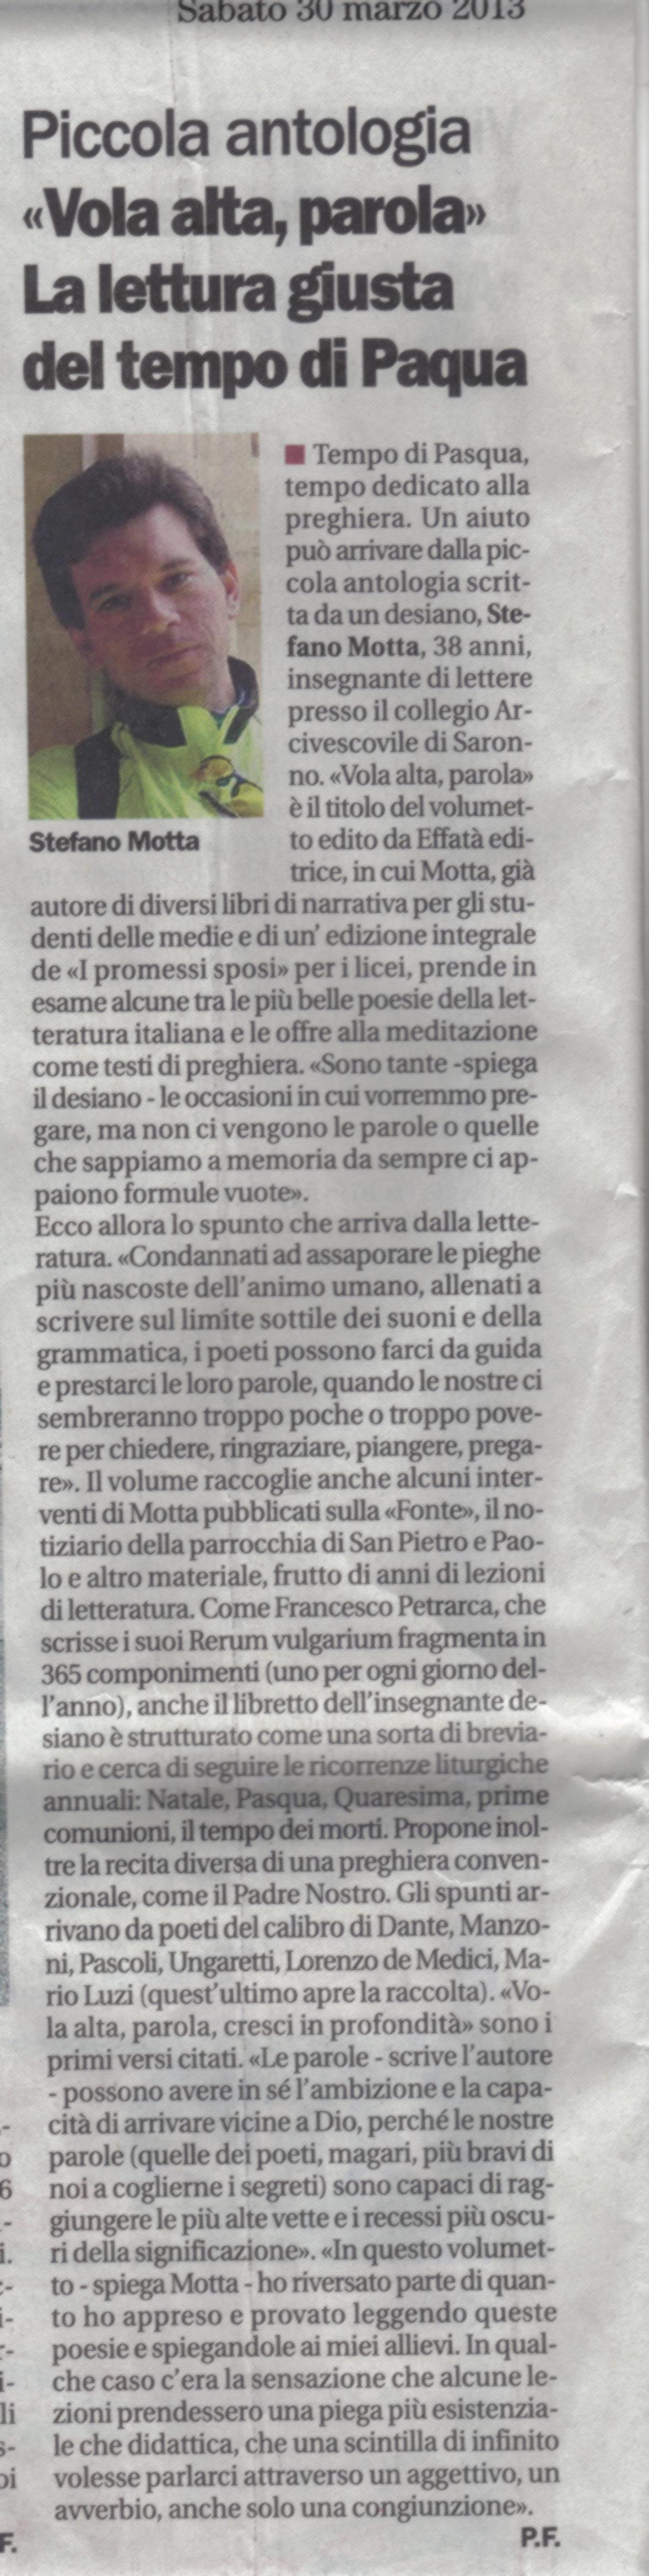 Cittadino_sabato 30 marzo 2013_1